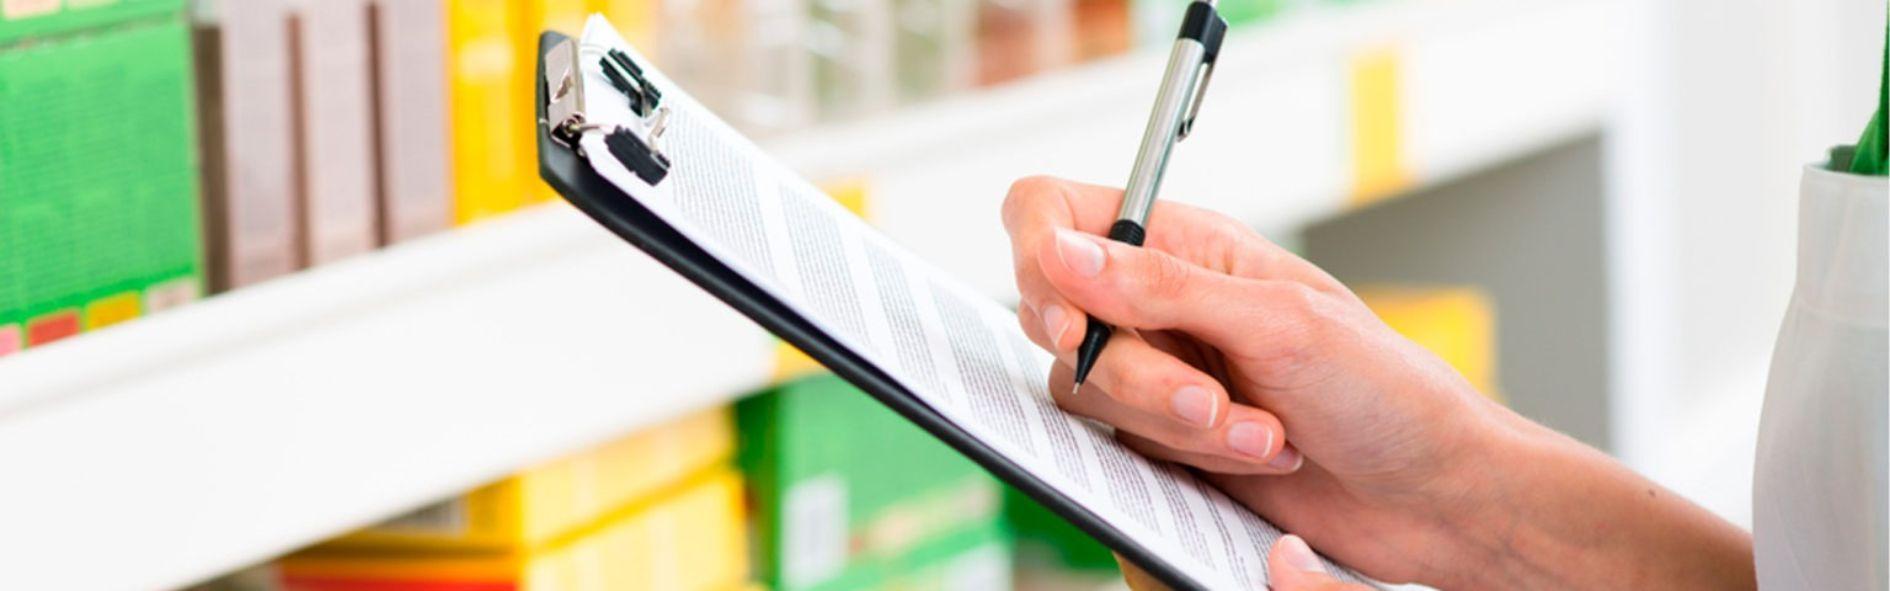 Descubre la importancia del control de calidad en productos y servicios de una empresa